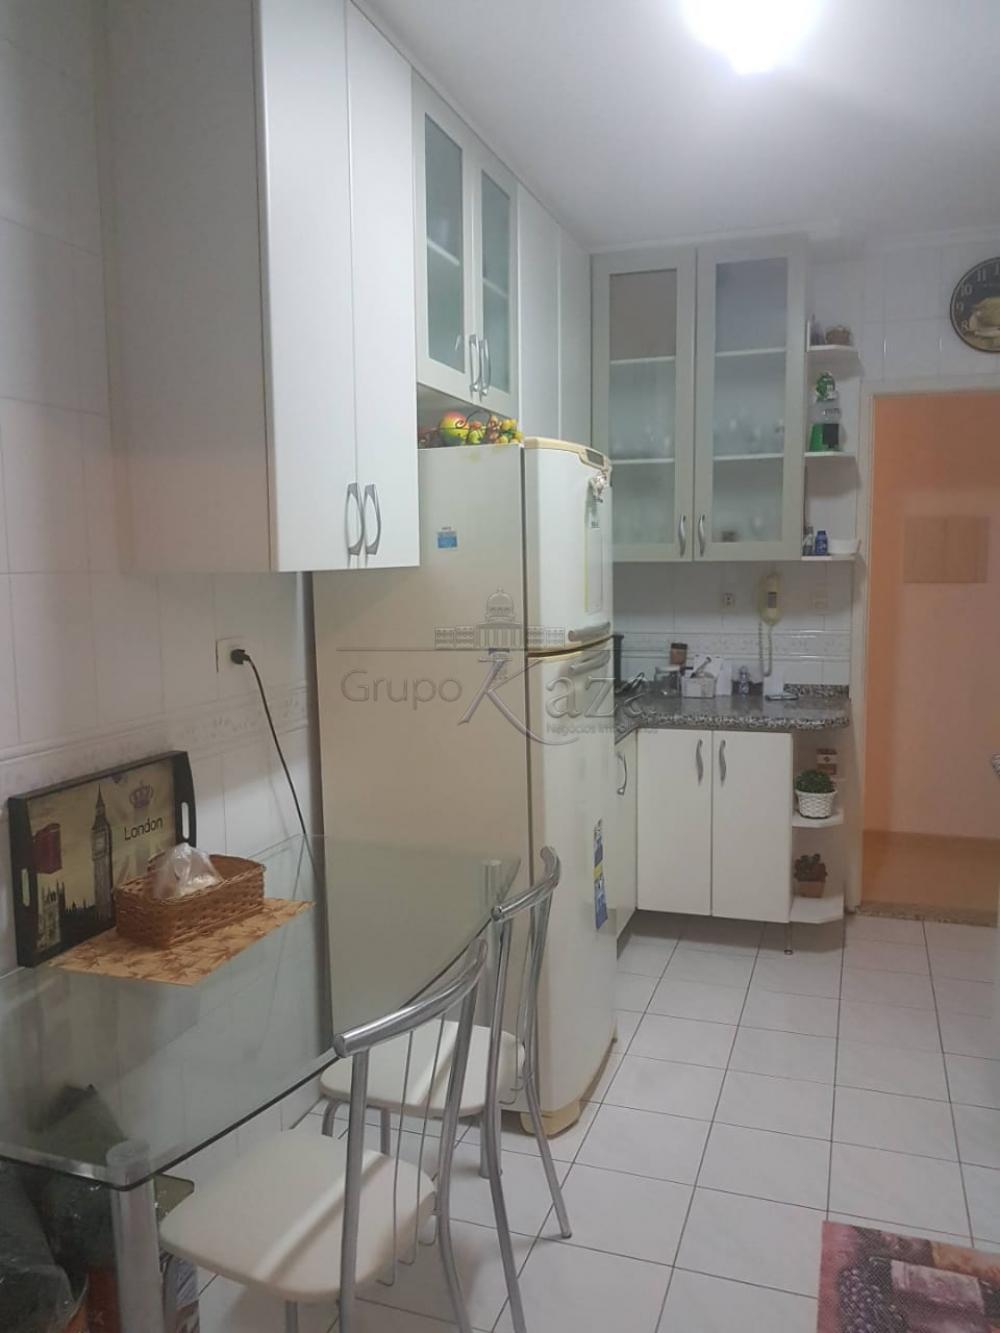 Comprar Apartamento / Padrão em São José dos Campos apenas R$ 340.000,00 - Foto 7